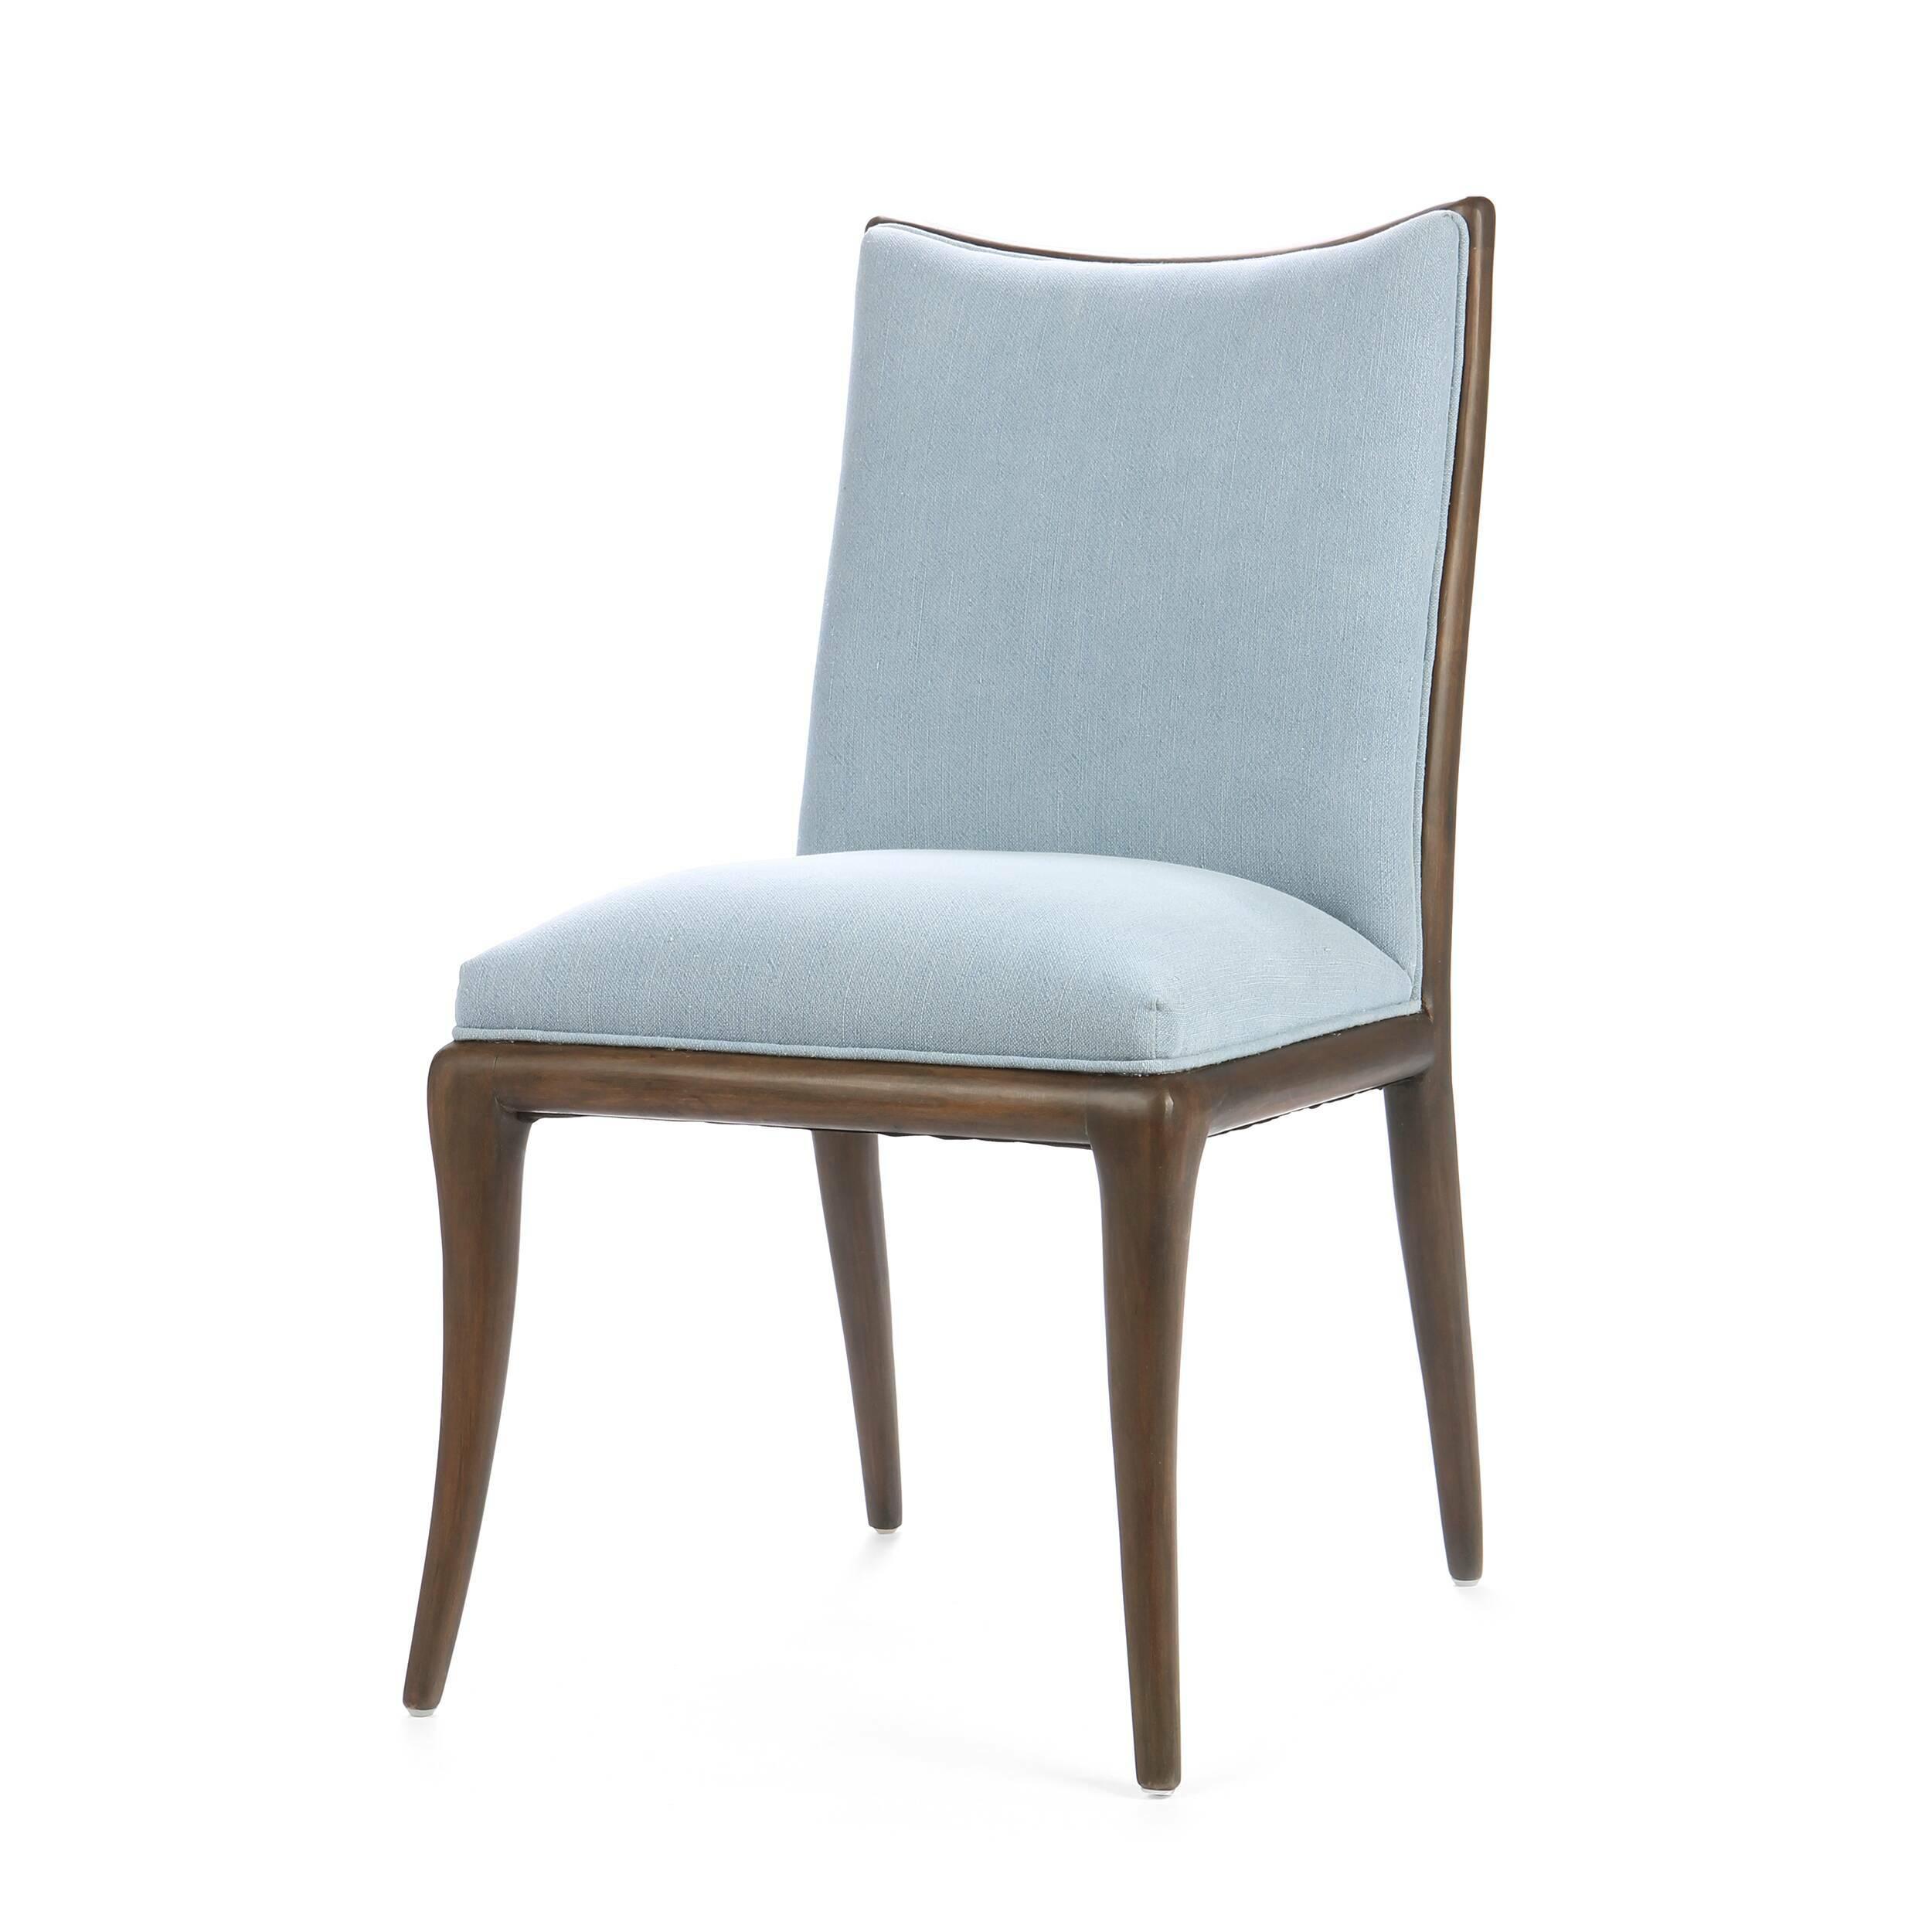 Стул FlorenceИнтерьерные<br>Дизайнерский мягкий классический стул Florence (Флоренс) без подлокотников на деревянном каркасе от Cosmo (Космо).<br><br> Стул Florence — это приятное сочетание современной классики и минималистичного оформления. Ничего лишнего, только комфорт и изящный, «теплый» дизайн. Стул представлен в двух вариантах — с обивкой, выполненной в оливковом или голубом цвете. Стоит обратить внимание и на оформление каркаса стула; отсутствие подлокотников и простые, элегантные ножки делают его весьма универсальны...<br><br>stock: 17<br>Высота: 90<br>Ширина: 46<br>Глубина: 49<br>Цвет ножек: Темно-коричневый<br>Материал ножек: Массив березы<br>Материал сидения: Хлопок<br>Цвет сидения: Голубой<br>Тип материала сидения: Ткань<br>Тип материала ножек: Дерево